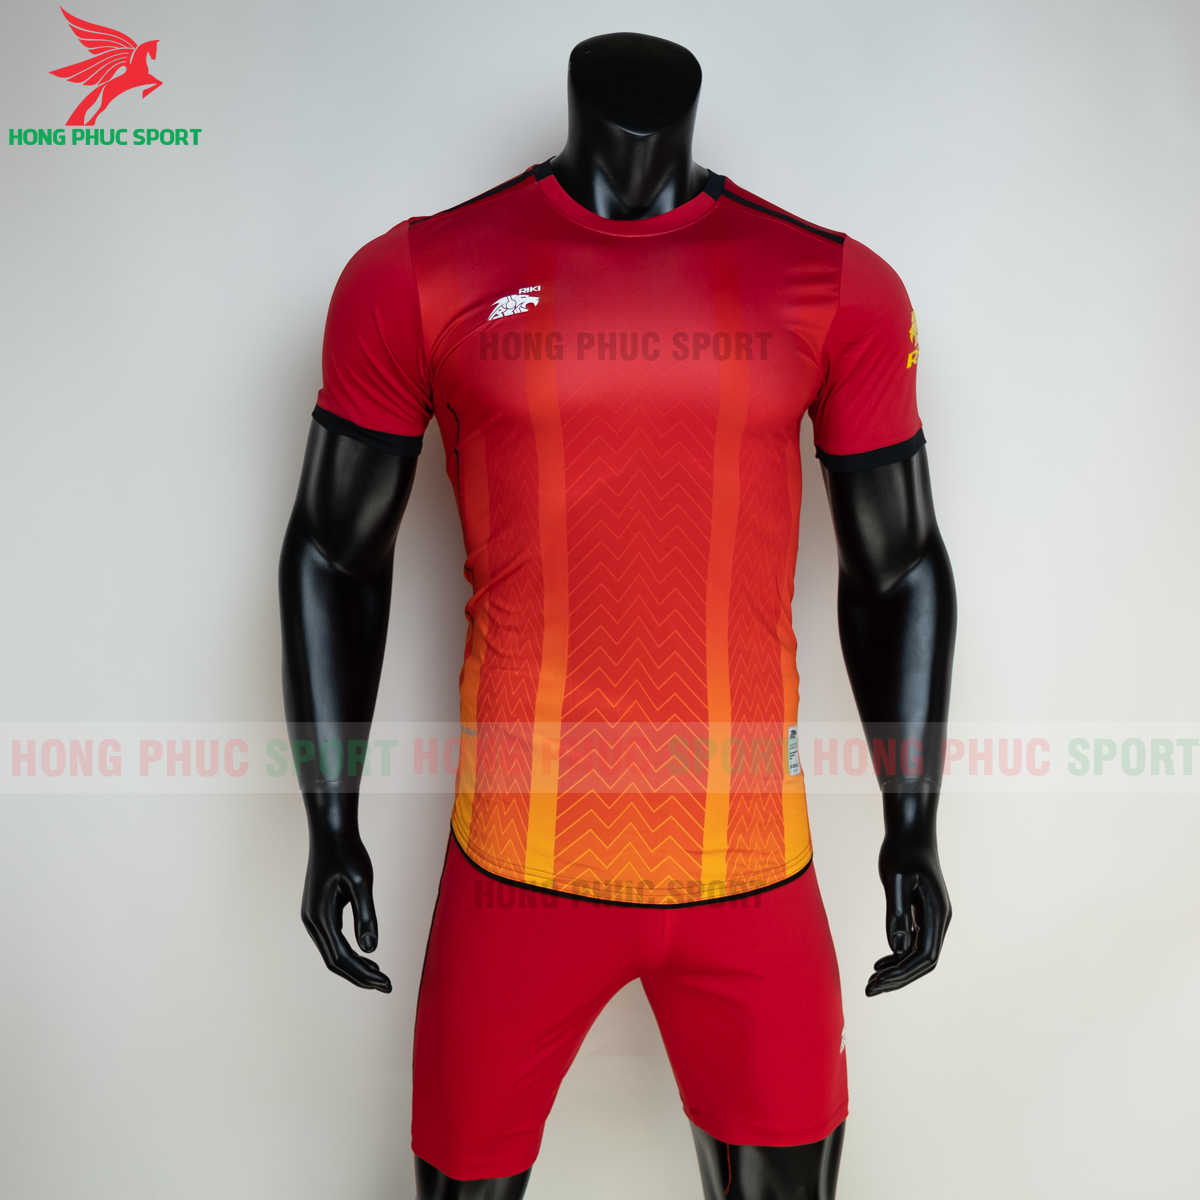 https://cdn.hongphucsport.com/unsafe/s4.shopbay.vn/files/285/ao-bong-da-khong-logo-riki-furior-mau-do-2-605013a65190c.png